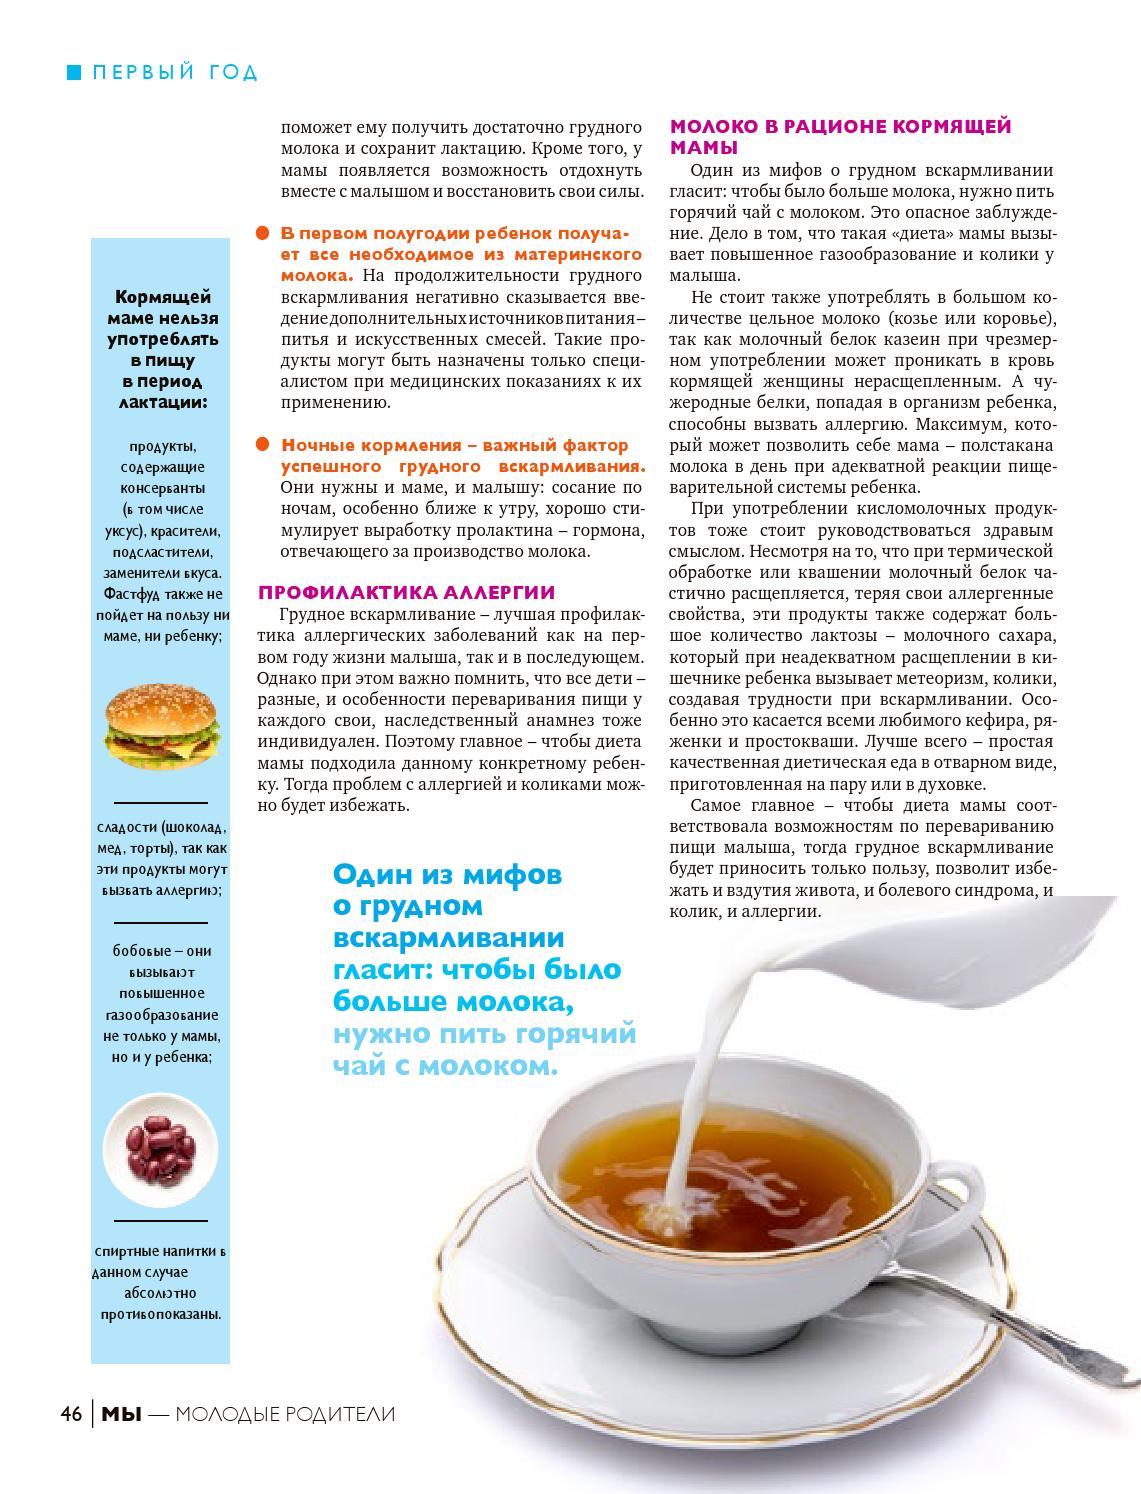 Молока может быть больше! о способах повышения лактации